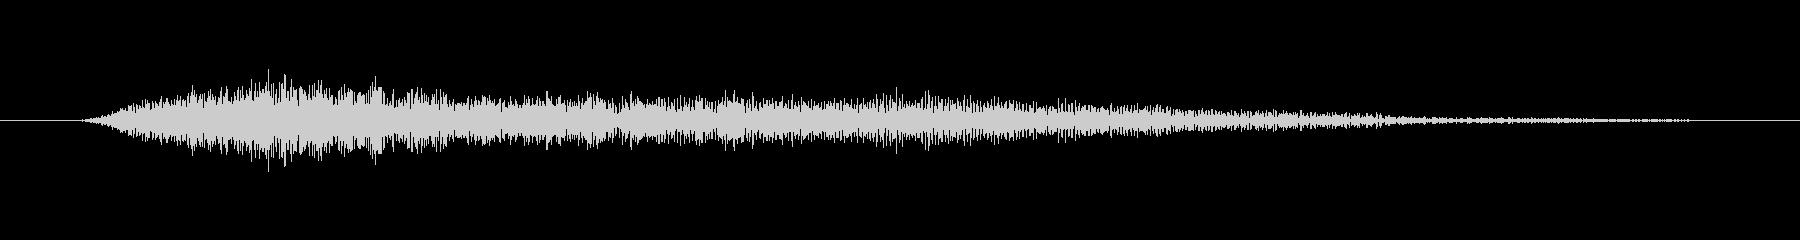 ドローン、スロードローンパスの未再生の波形